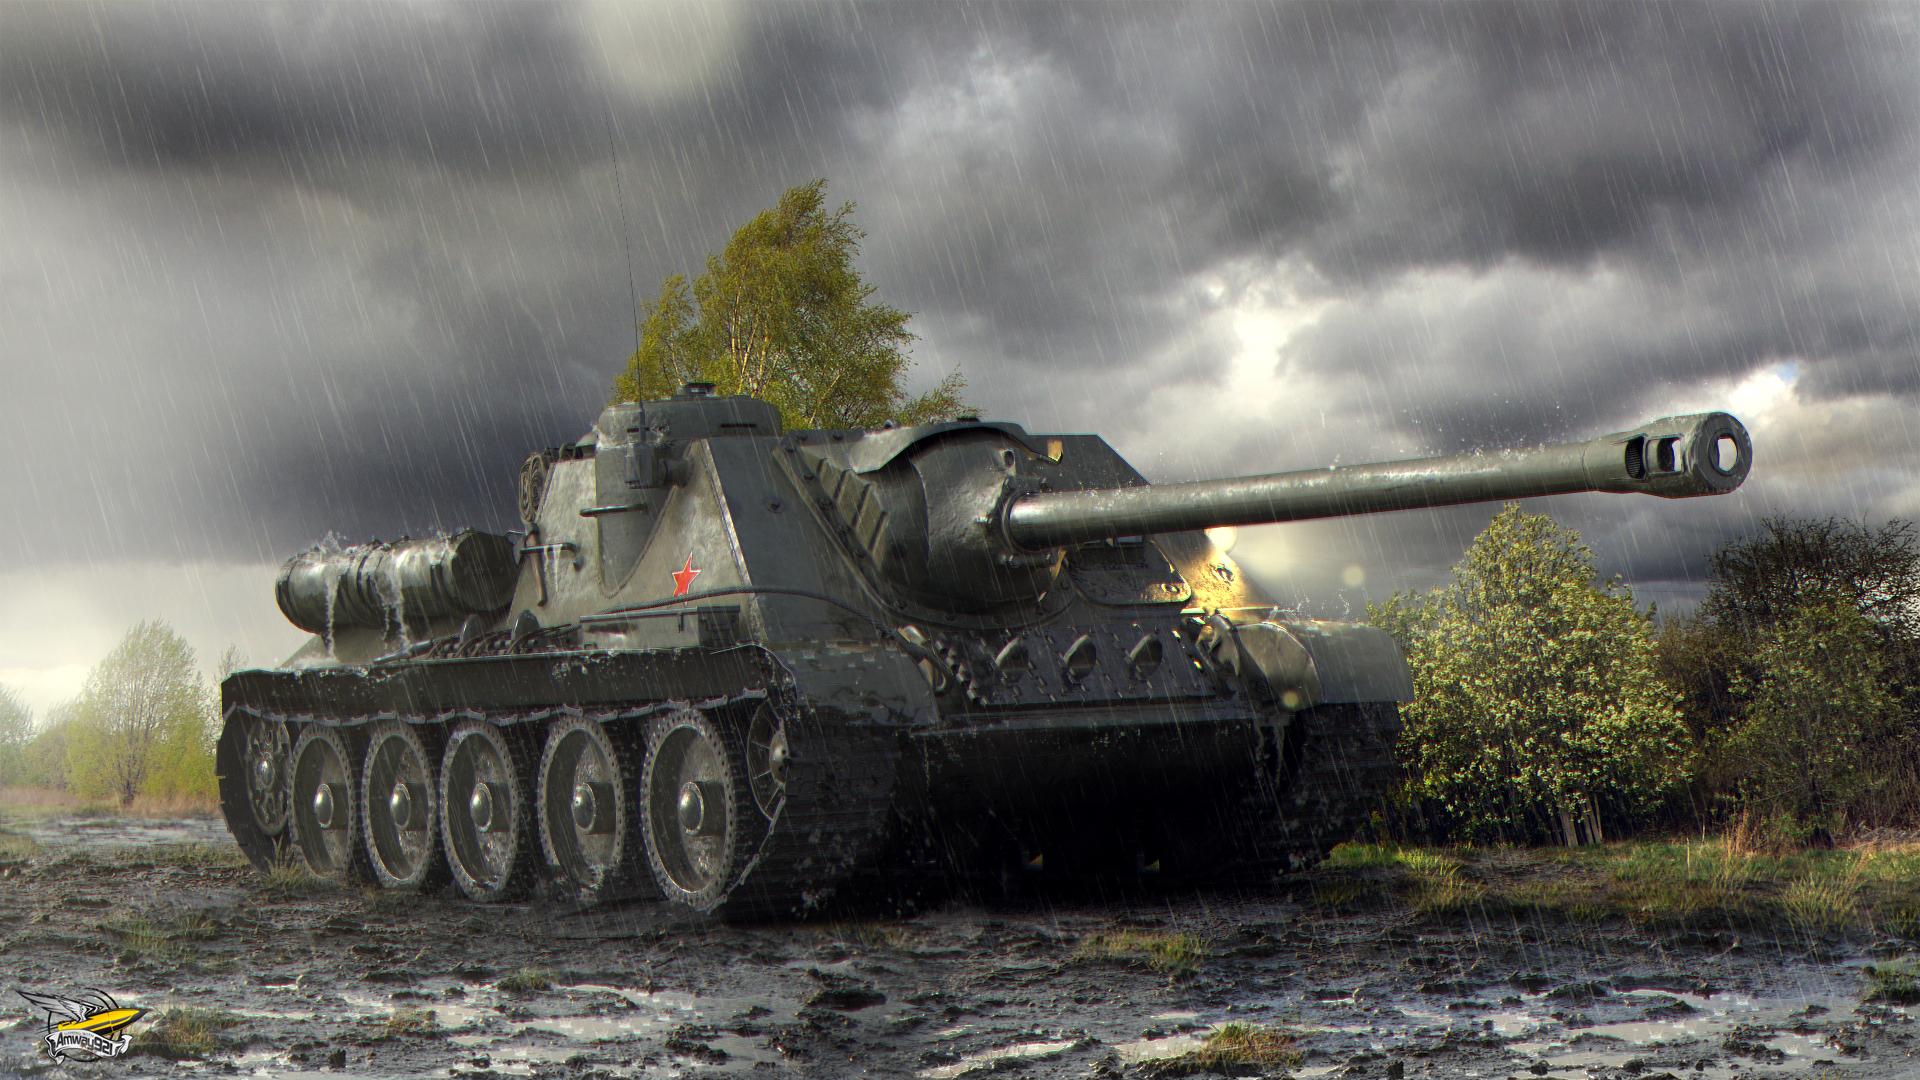 советский танк в хорошем качестве